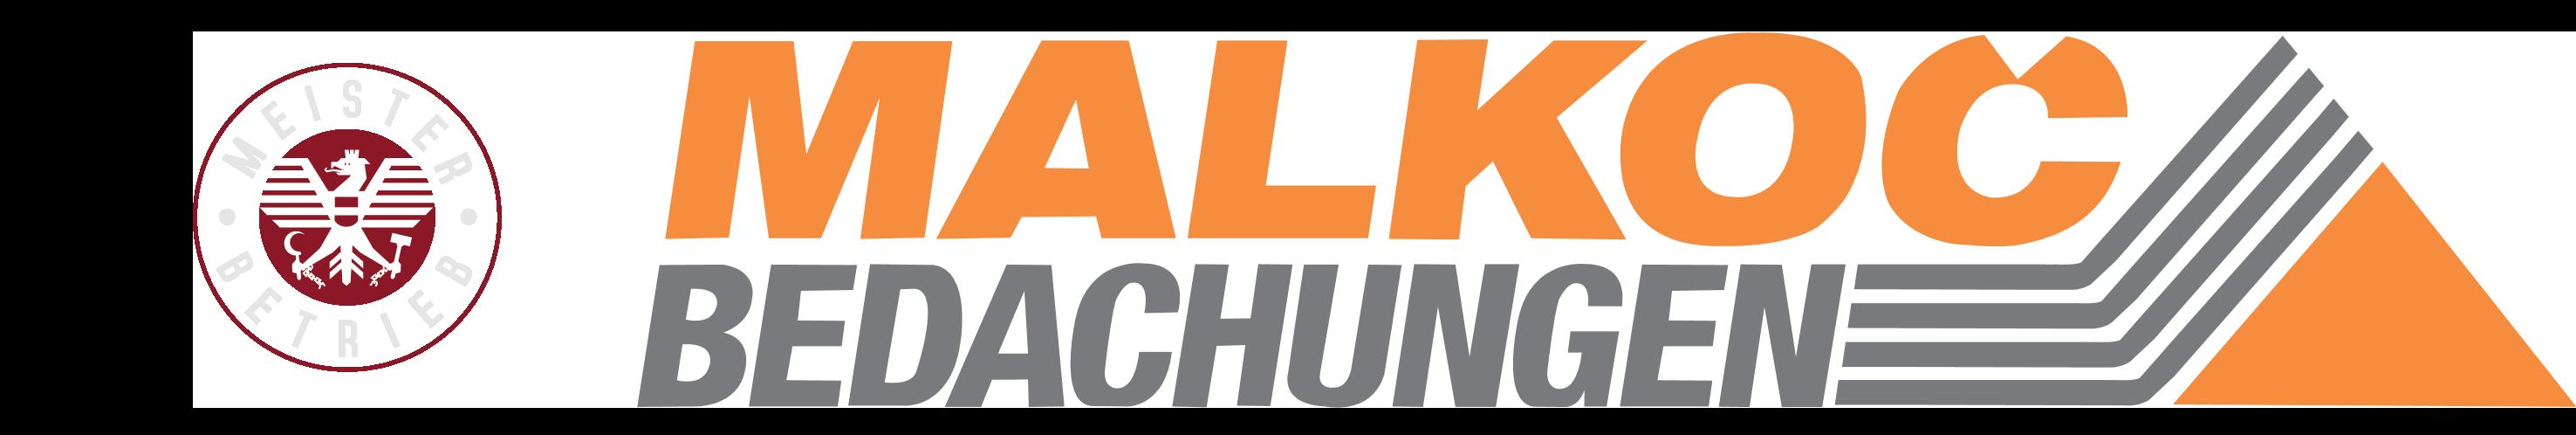 MALKOC-Bedachungen